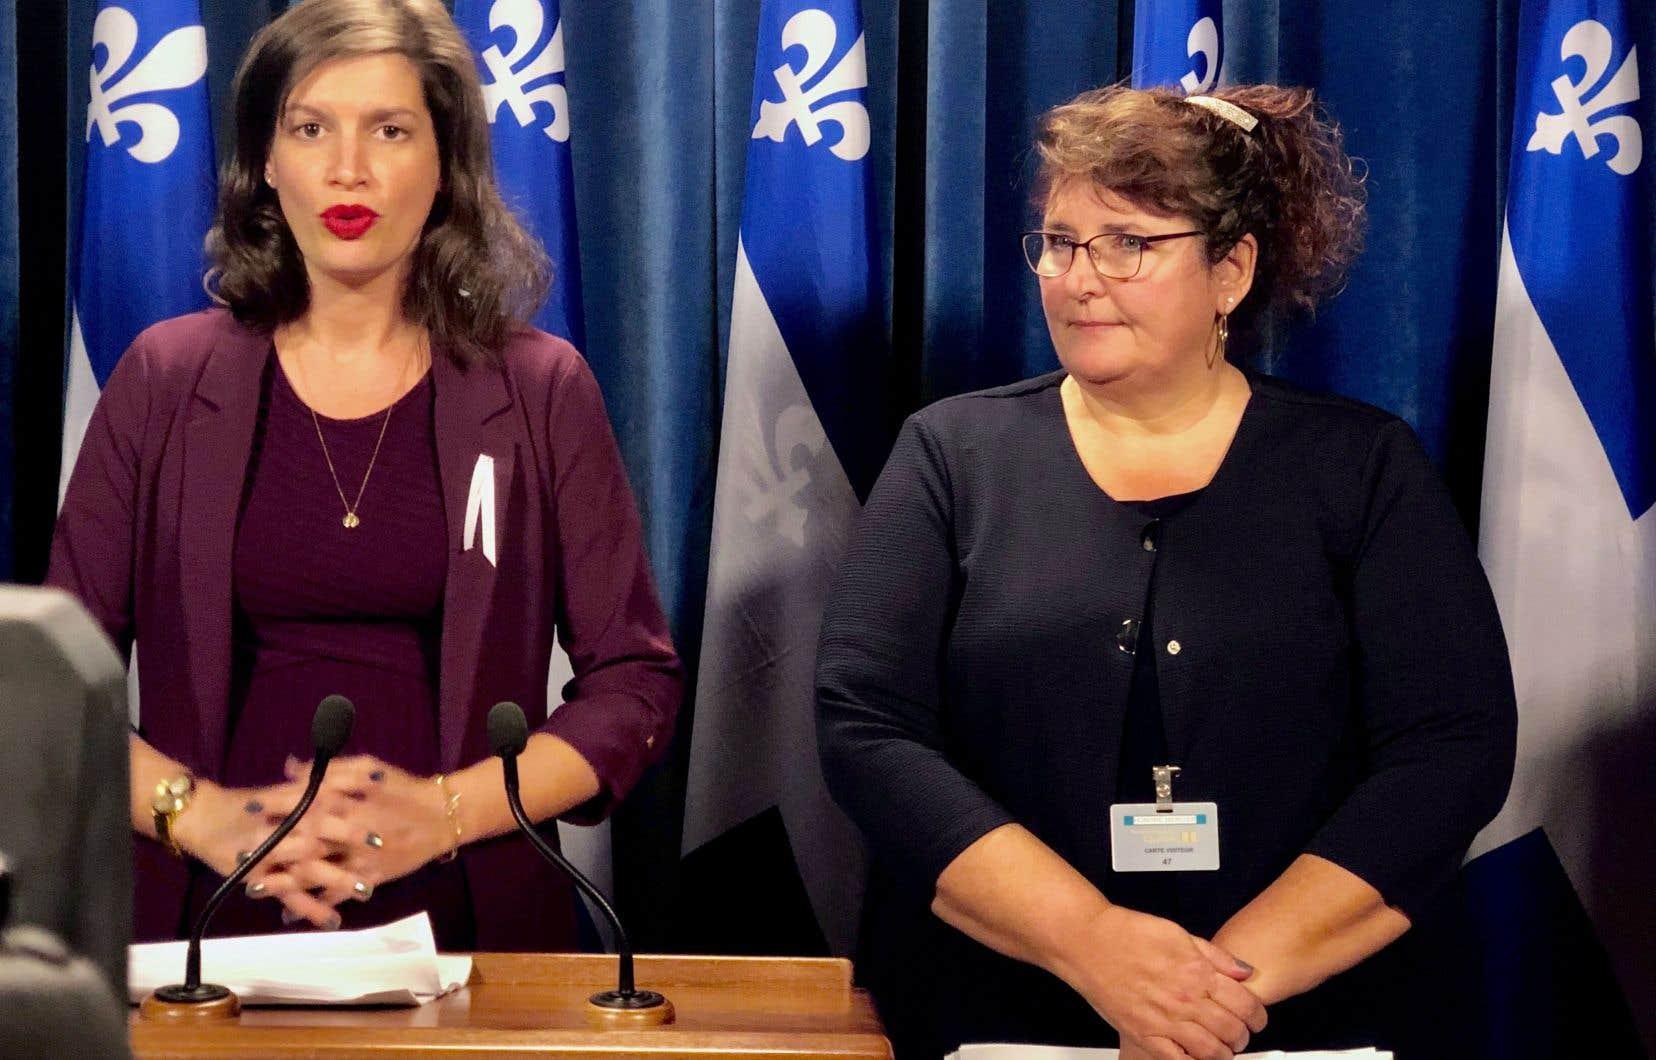 La ministre de la Sécurité publique, Geneviève Guilbault, a présenté la directrice par intérim de la SQ, Johanne Beausoleil.